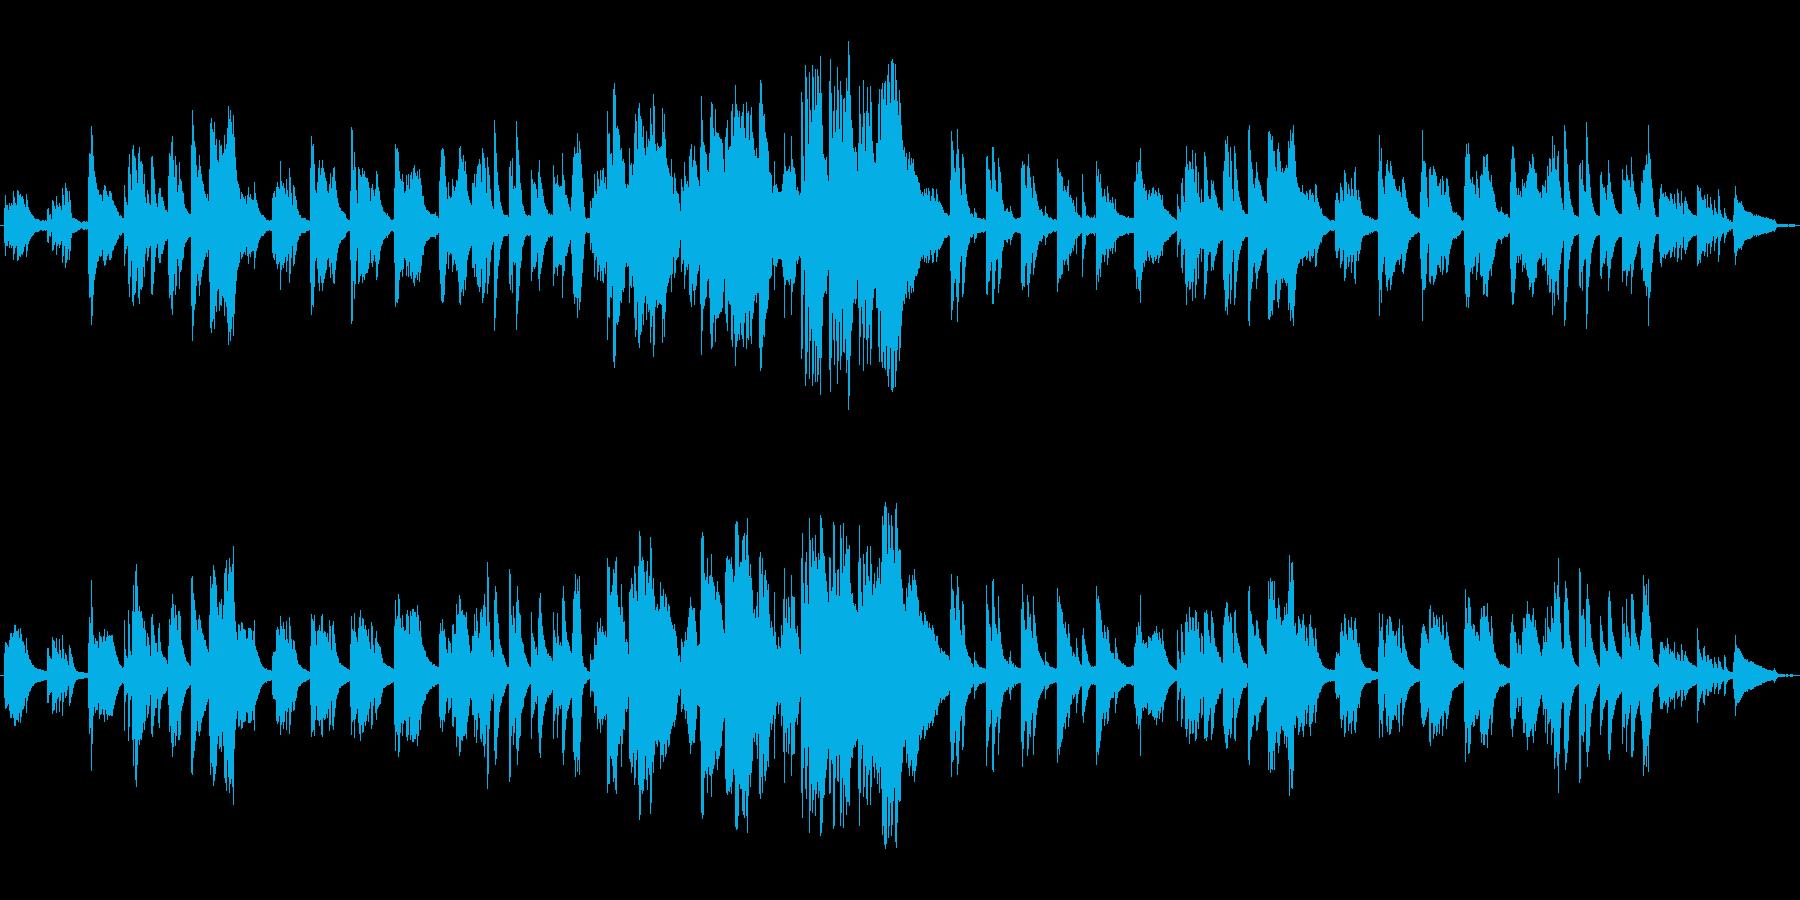 曖昧とした気だるげなピアノBGMの再生済みの波形